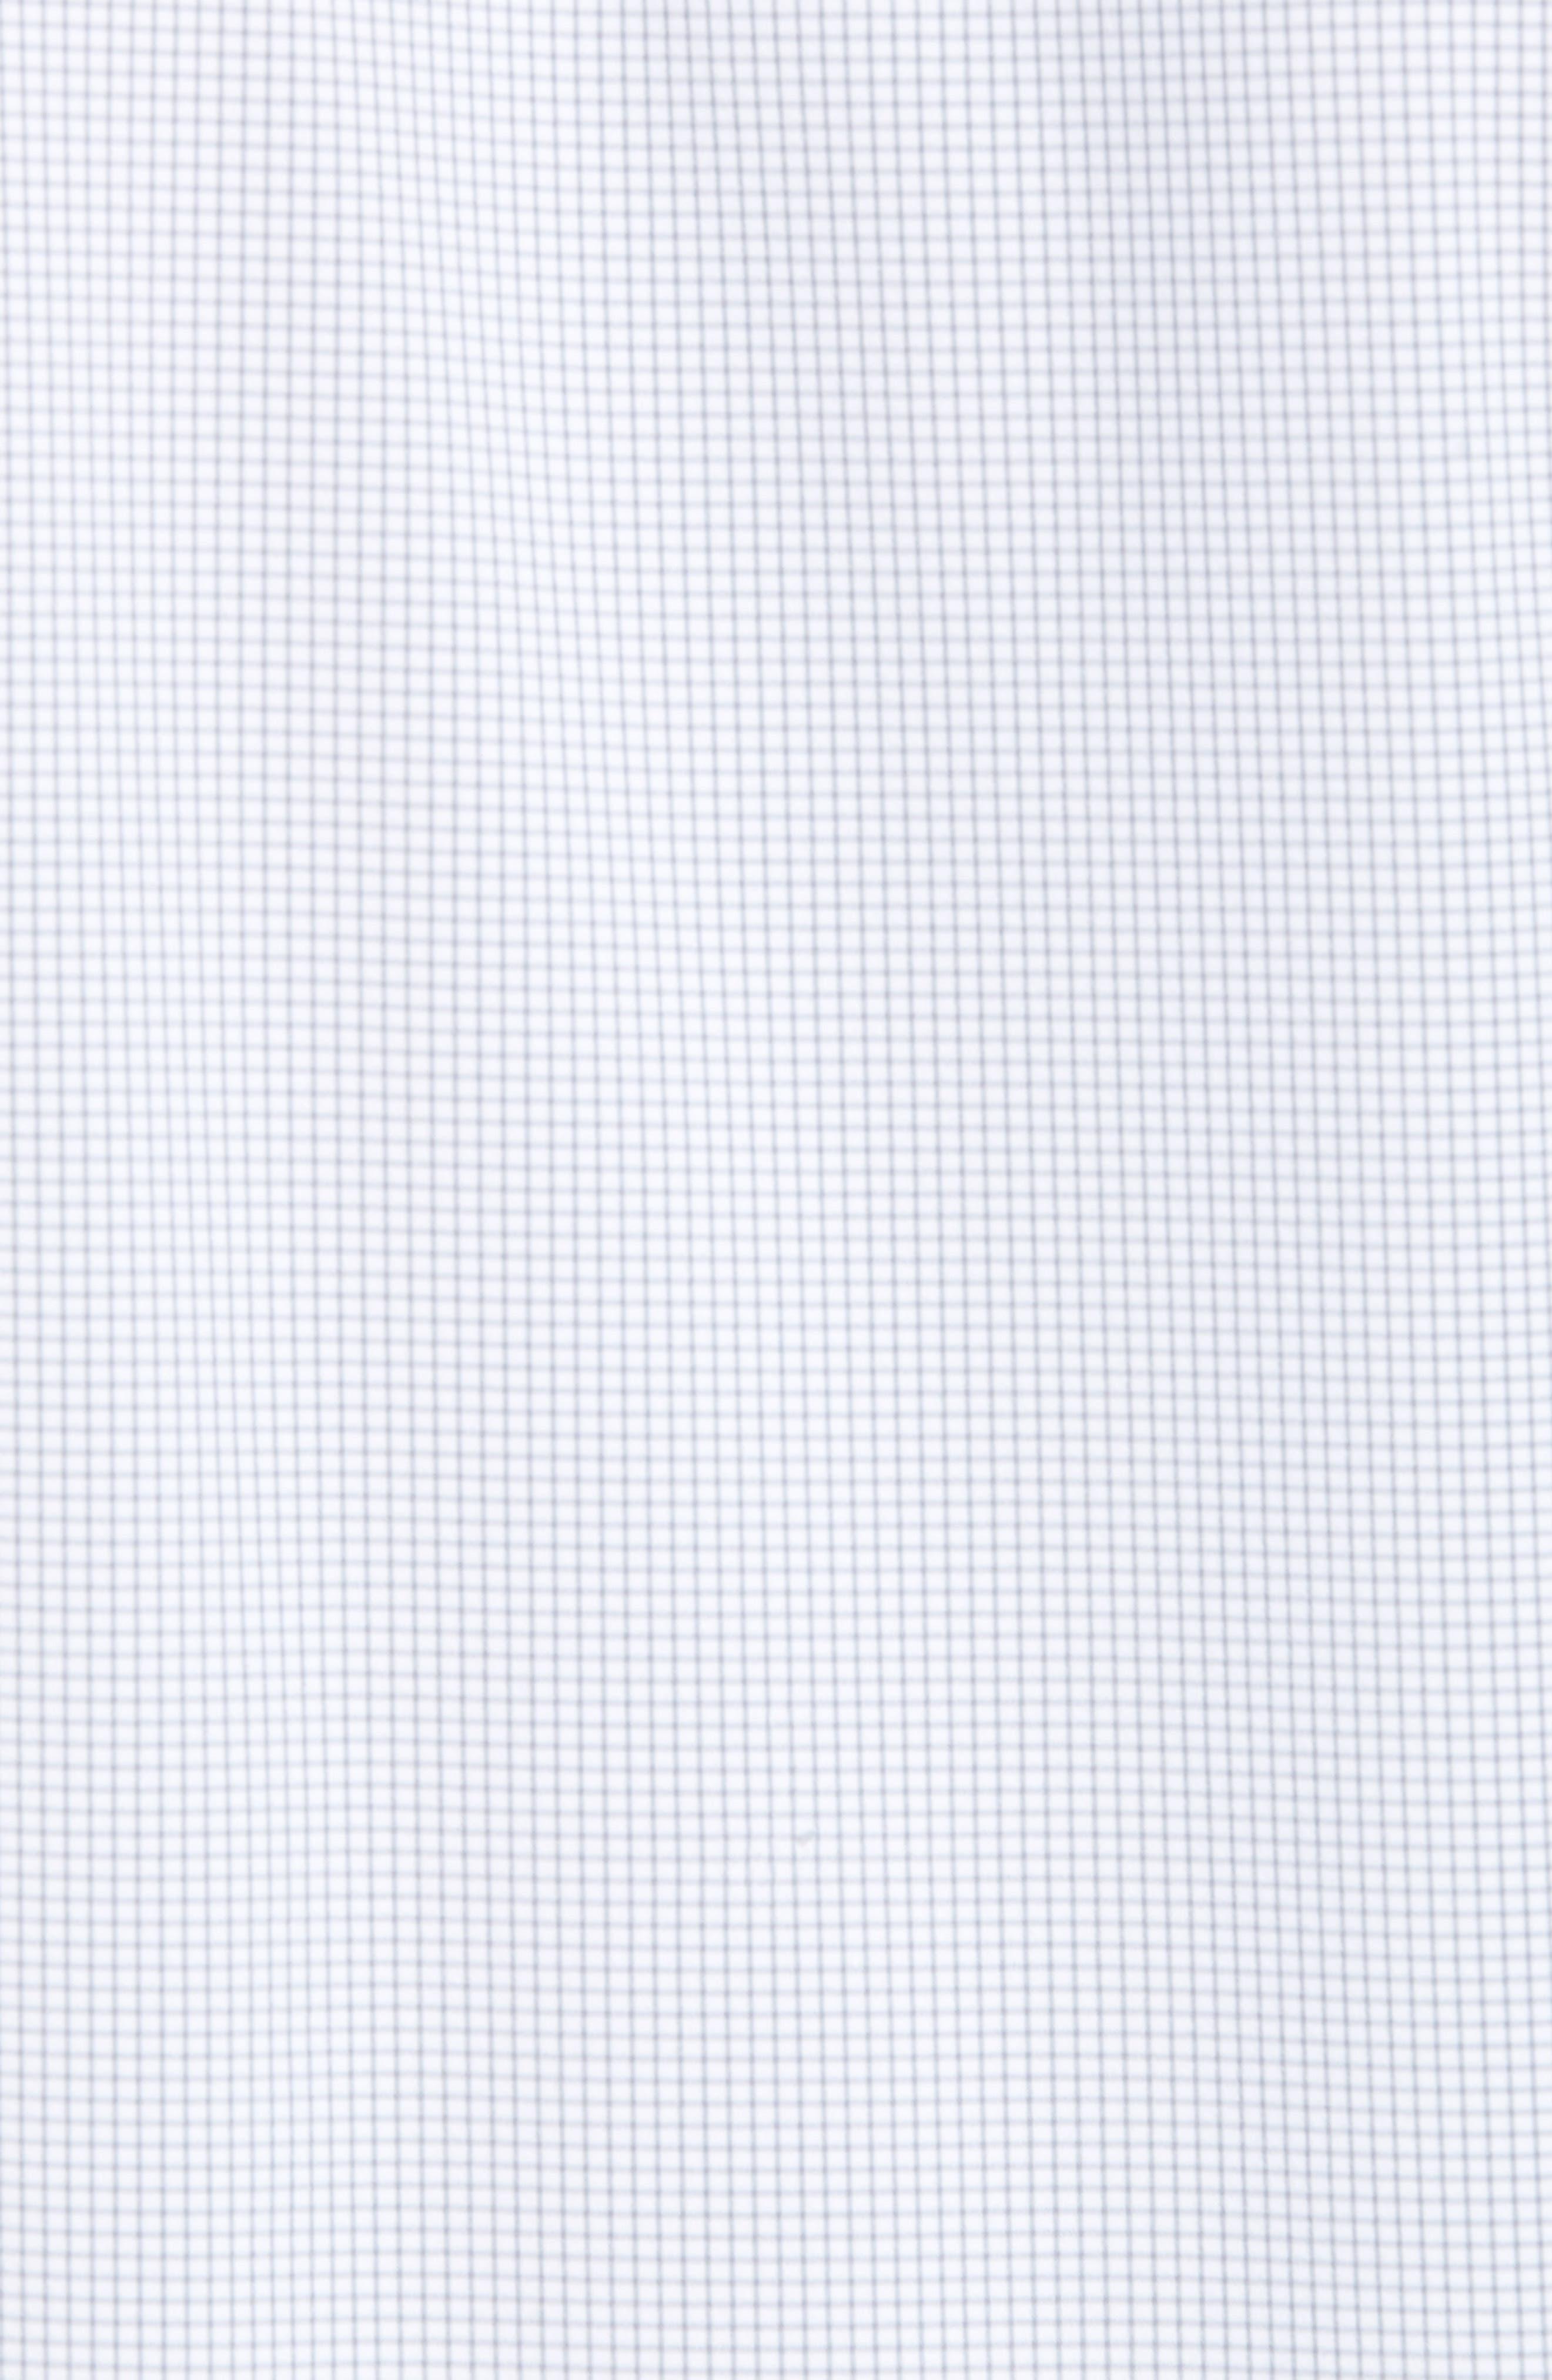 Marion Trim Fit Grid Performance Sport Shirt,                             Alternate thumbnail 5, color,                             052